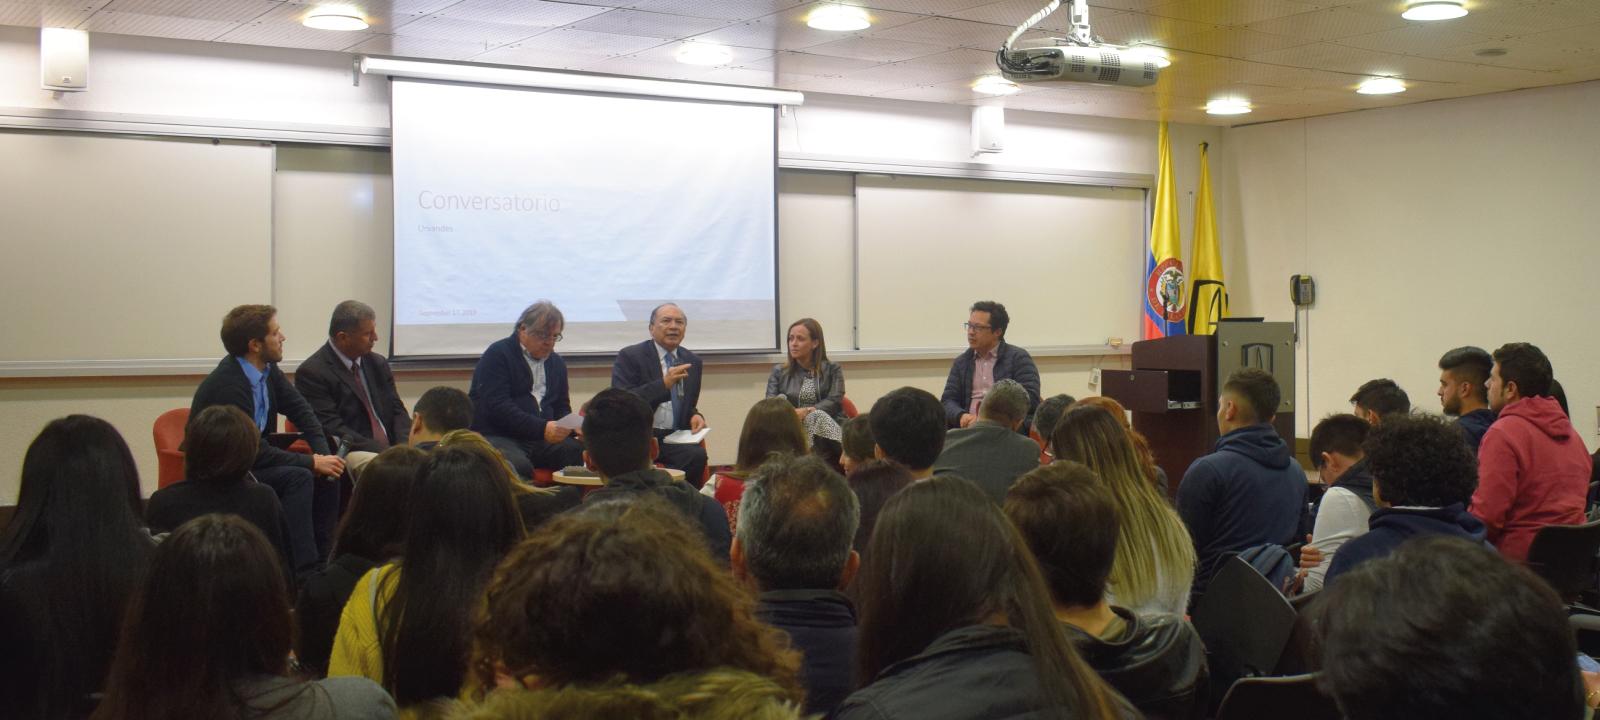 Foro: Fracking en Colombia, Panel: Entre la seguridad energética y el desarrollo